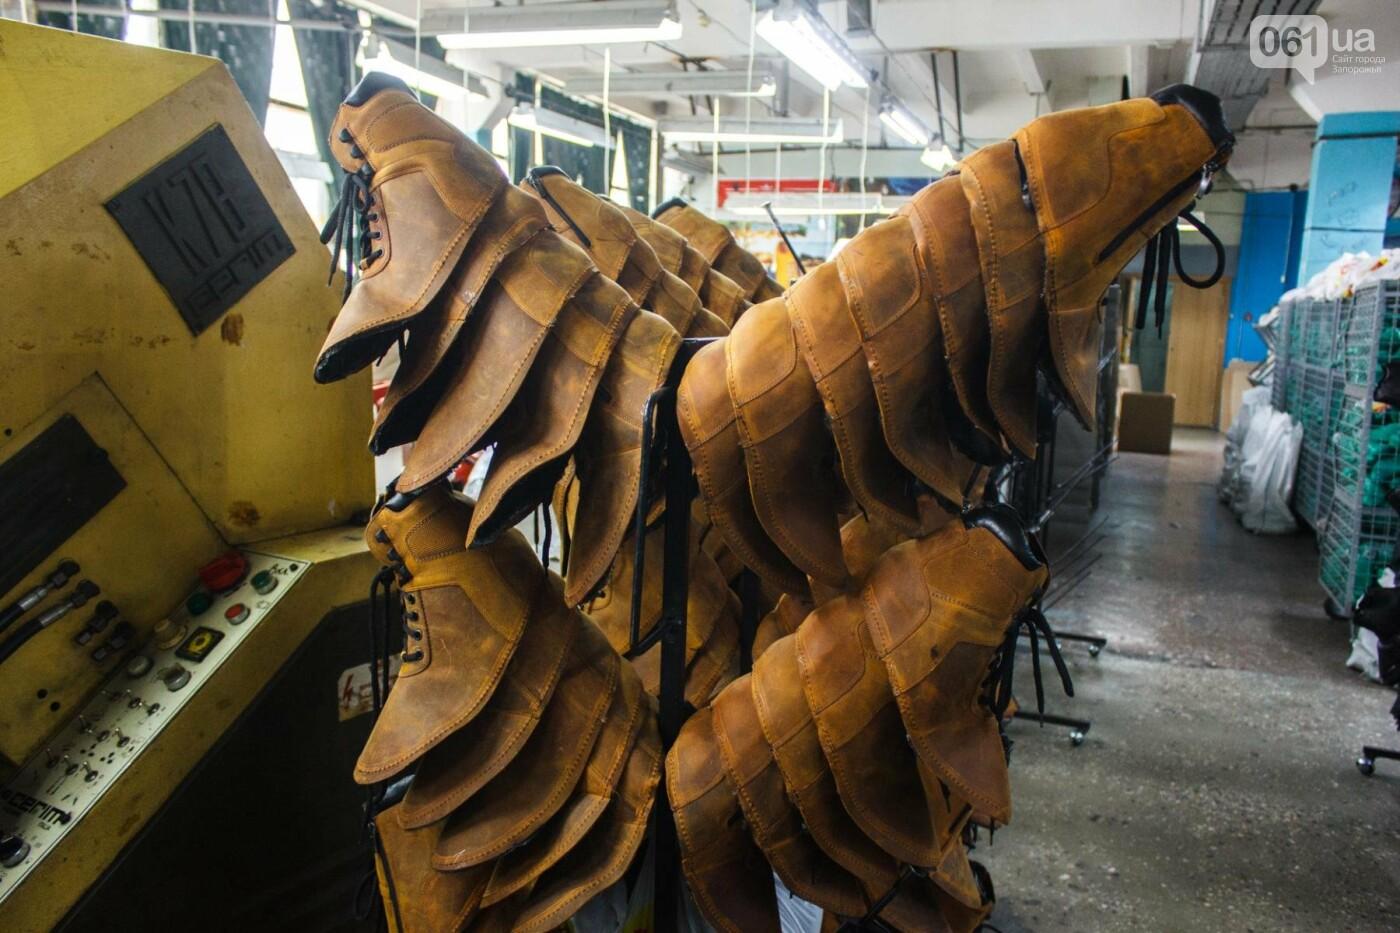 Как создается обувь: экскурсия на запорожскую обувную фабрику, – ФОТОРЕПОРТАЖ, фото-52